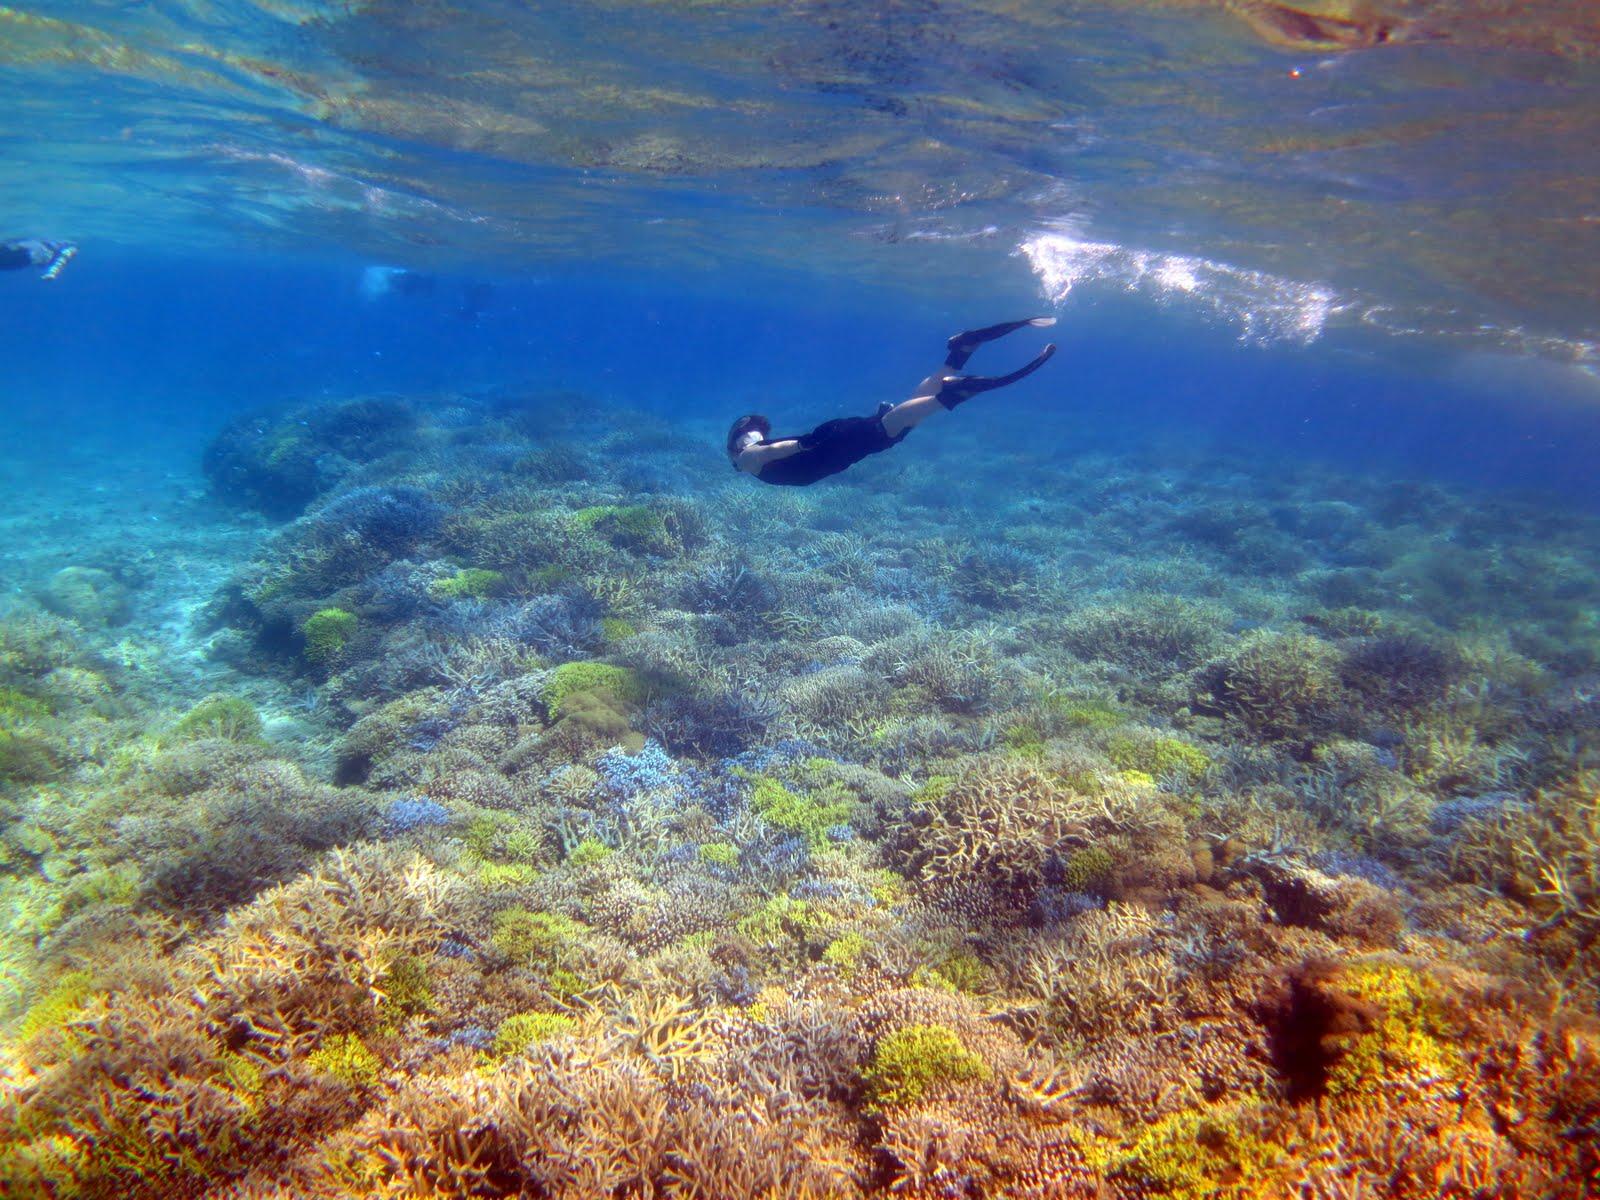 美しいサンゴと透き通った水の中をシュノーケル